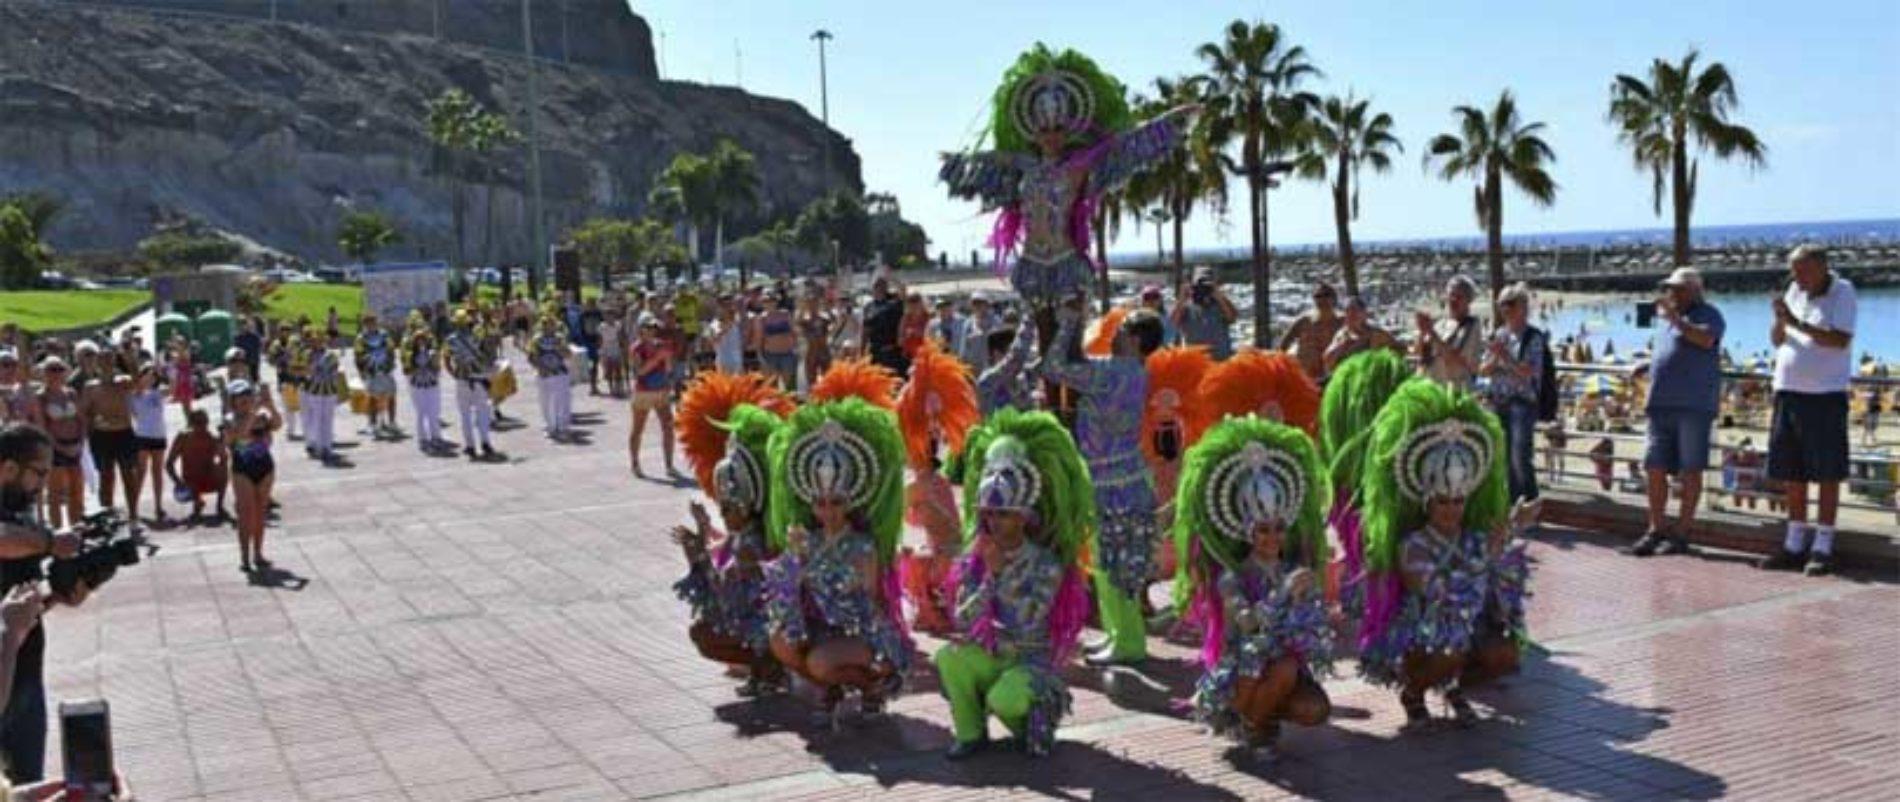 Parade inviterte turister til karneval